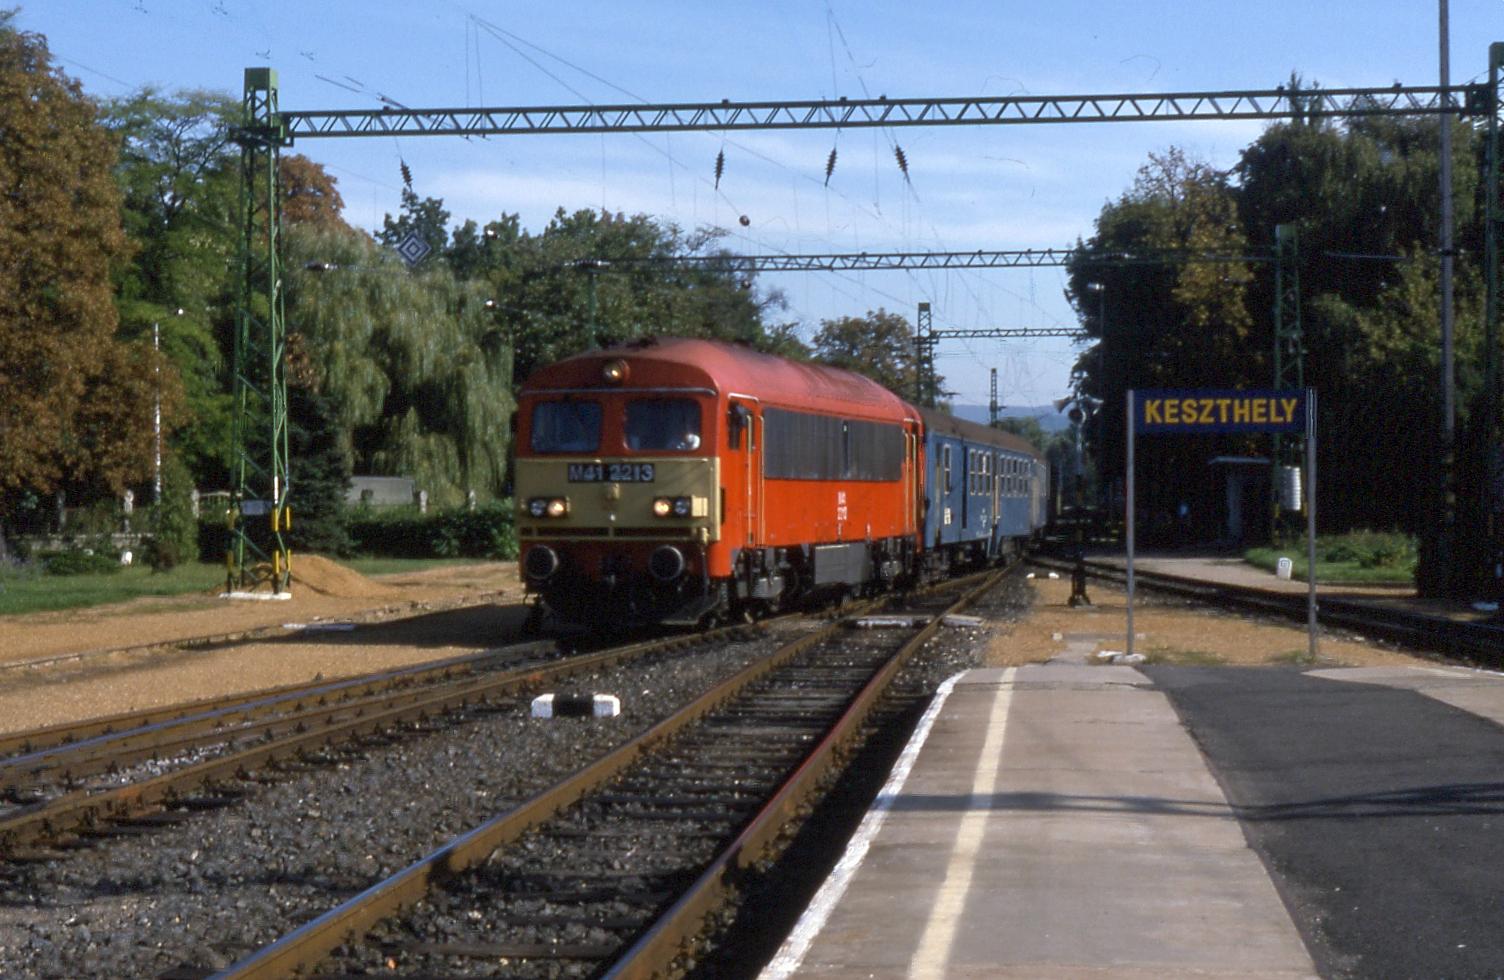 File:22.09.94 Keszthely M41 2213 (14026023193).jpg